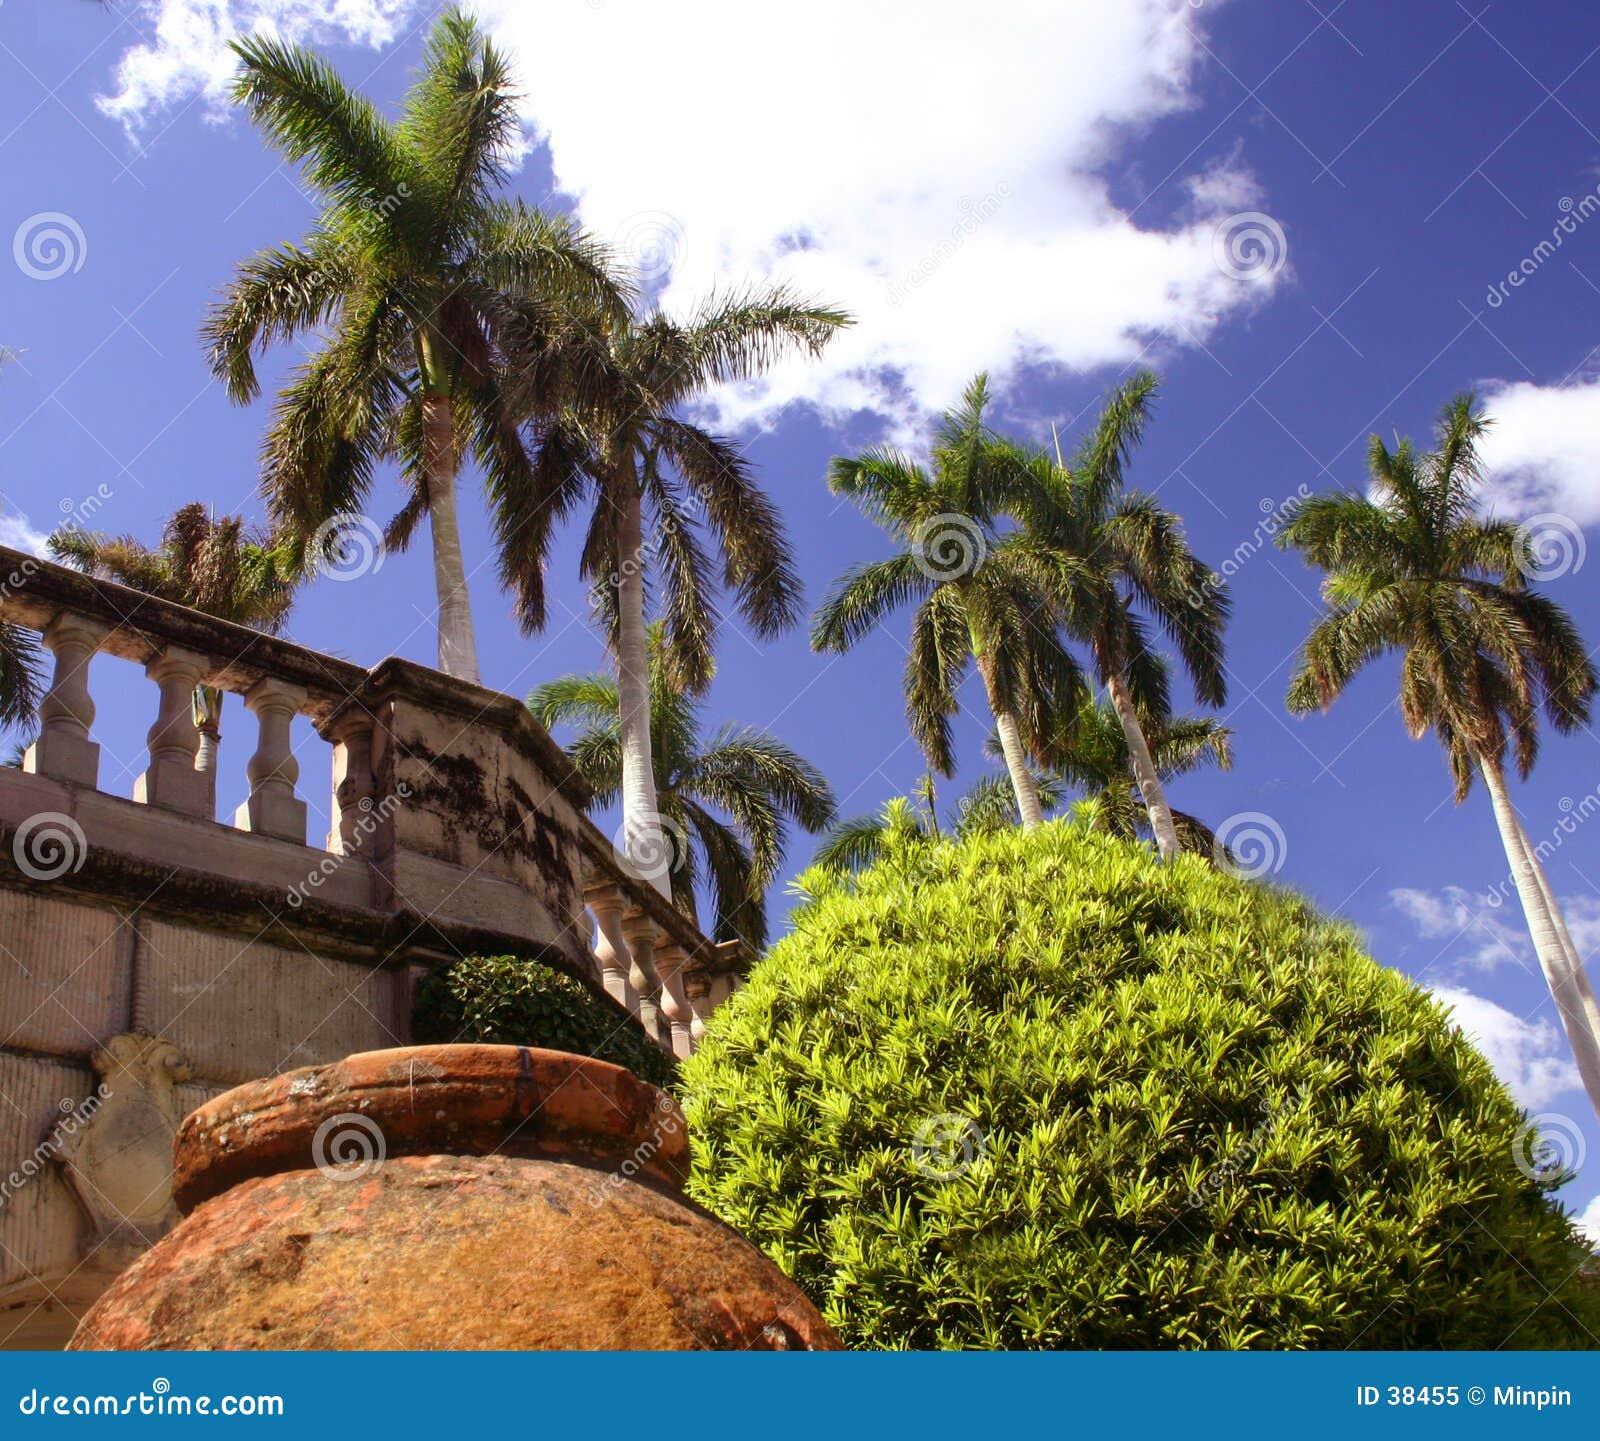 Download Crisol, árbol y palmas imagen de archivo. Imagen de rojo - 38455